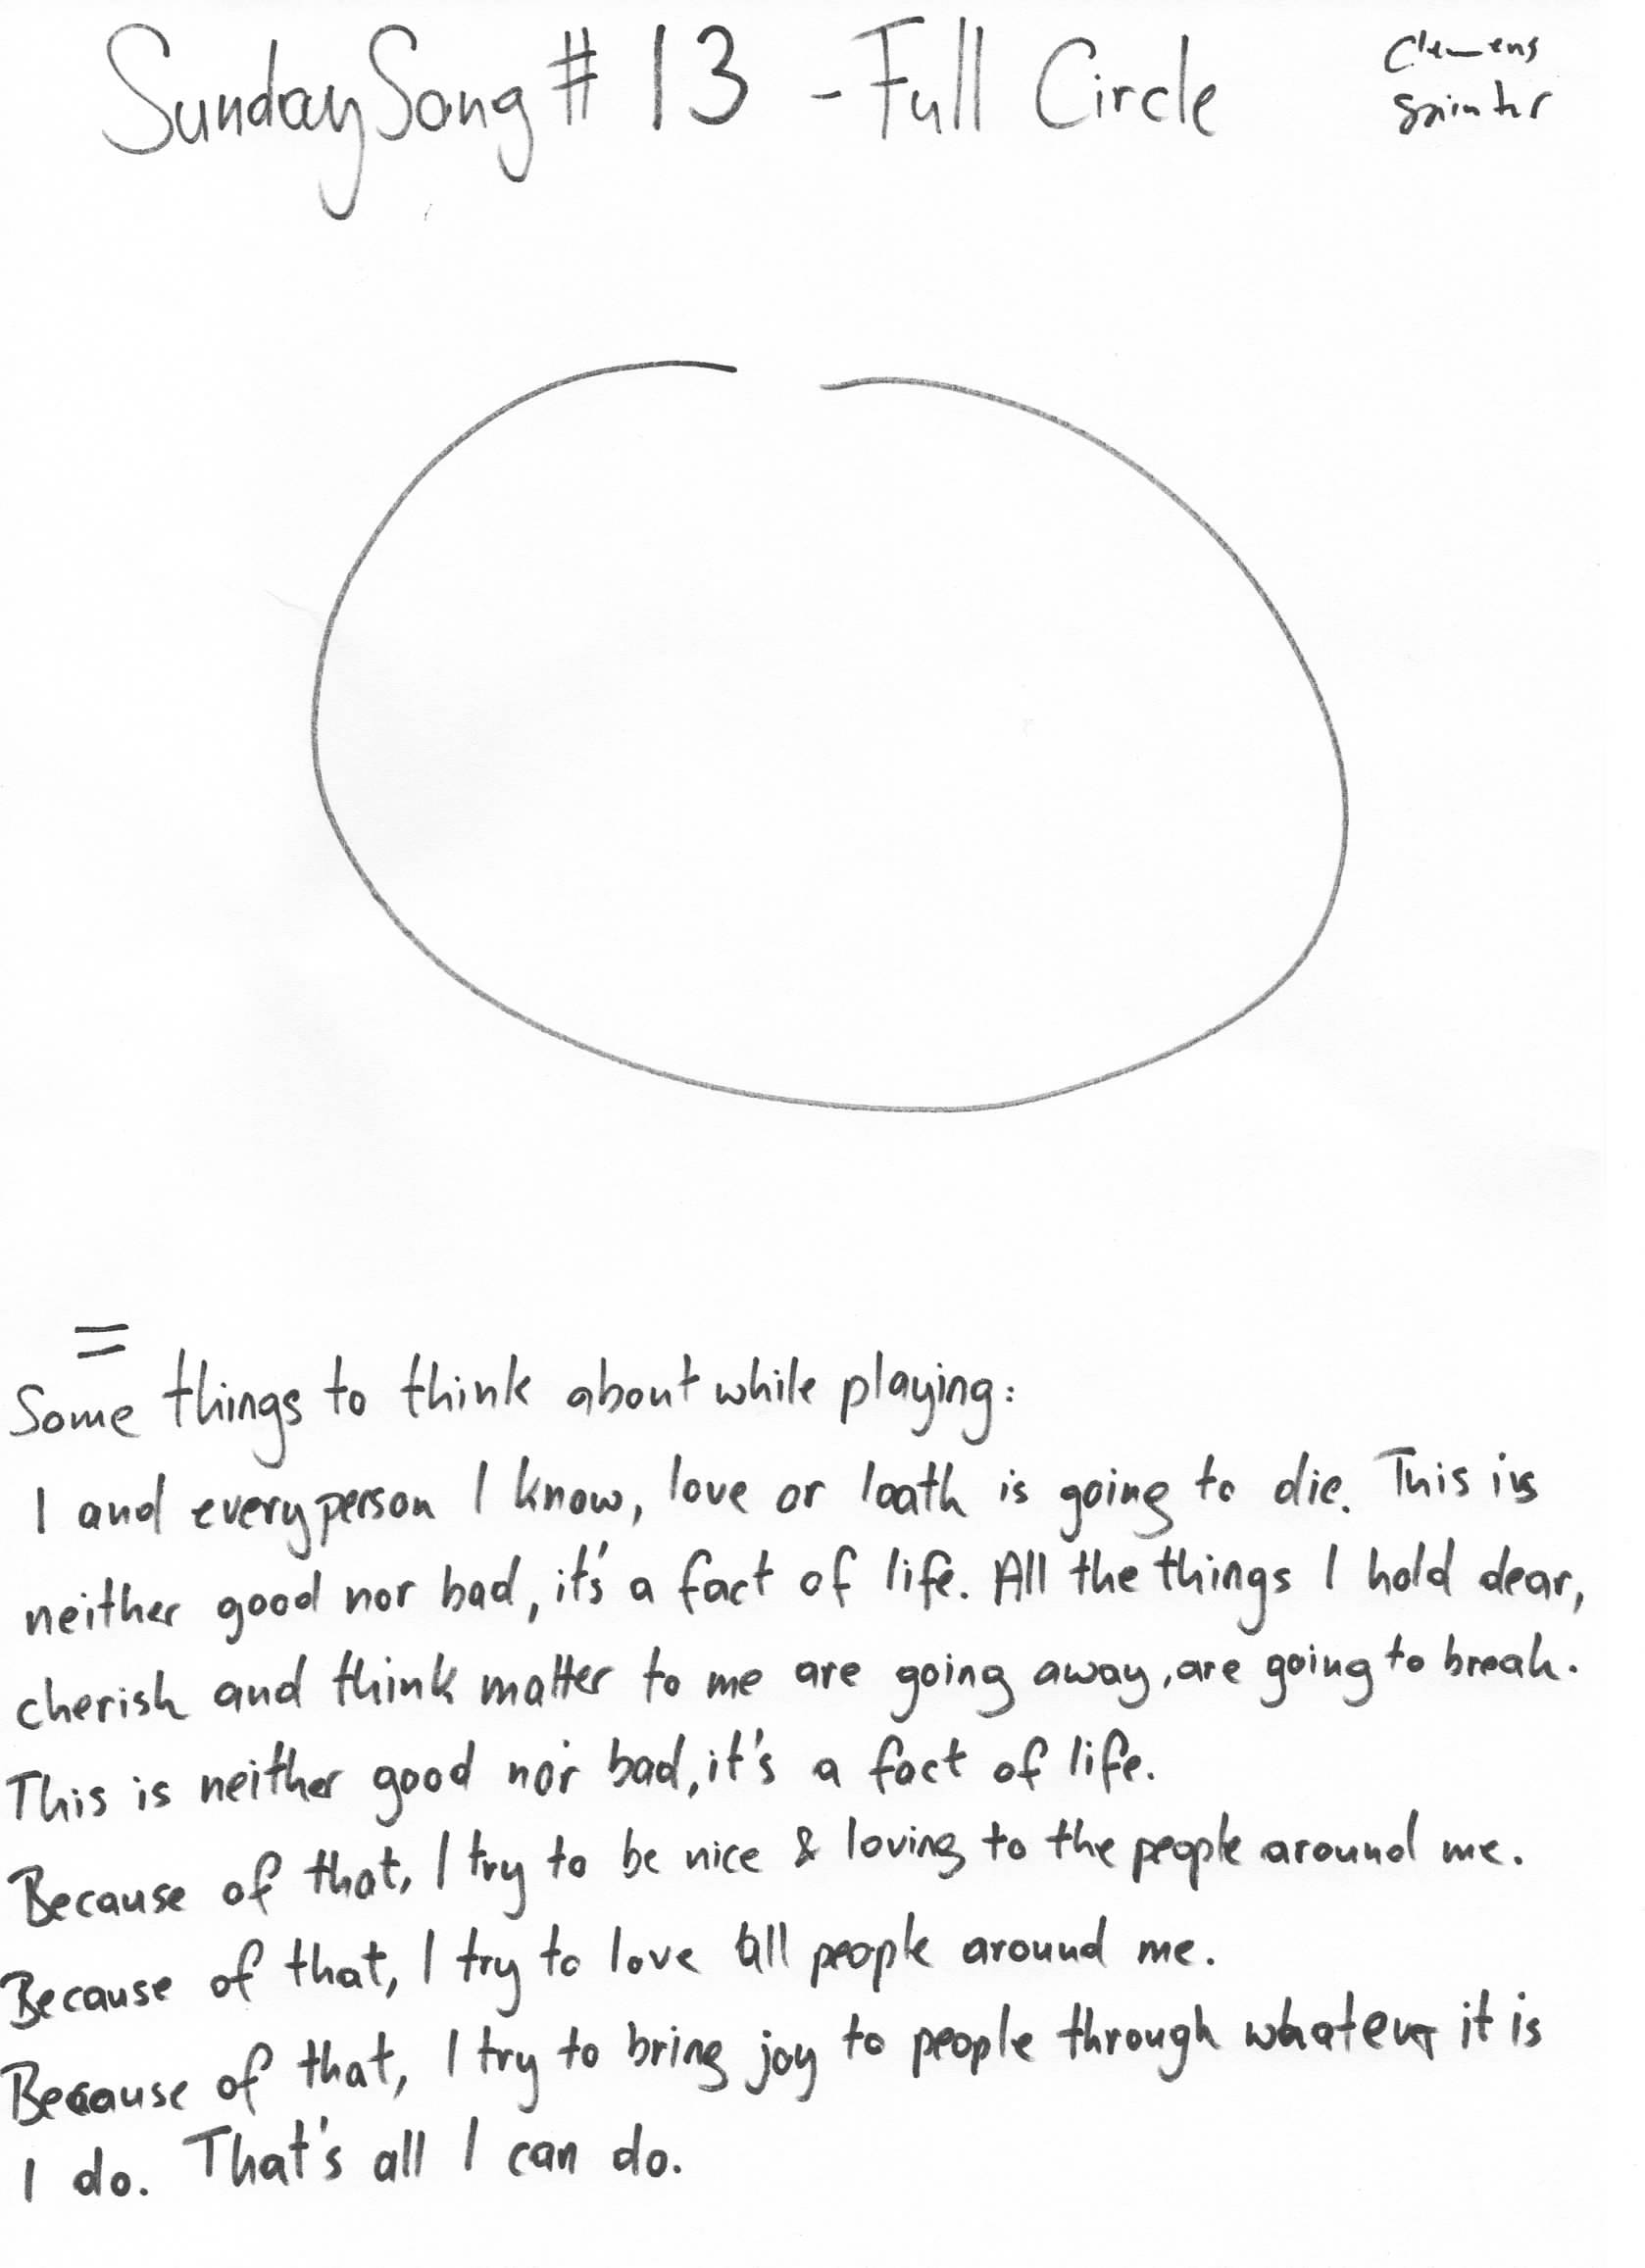 SunSong13 - full circle.jpeg